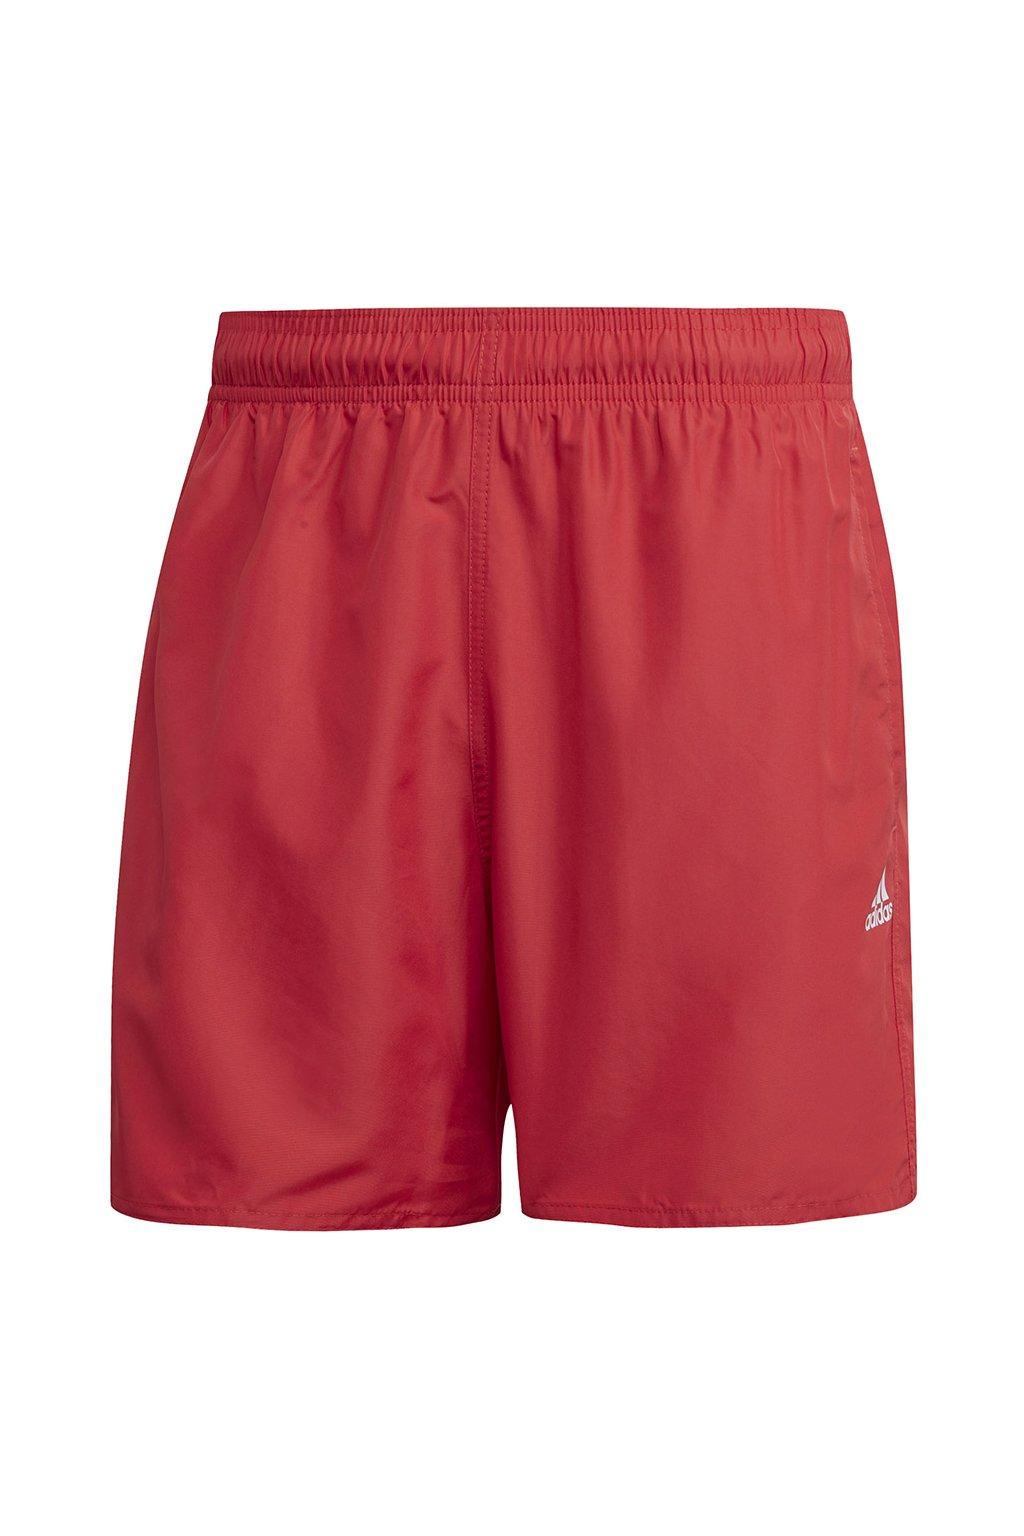 Pánske kúpacie šortky Adidas Solid CLX SH SL červené FJ3380